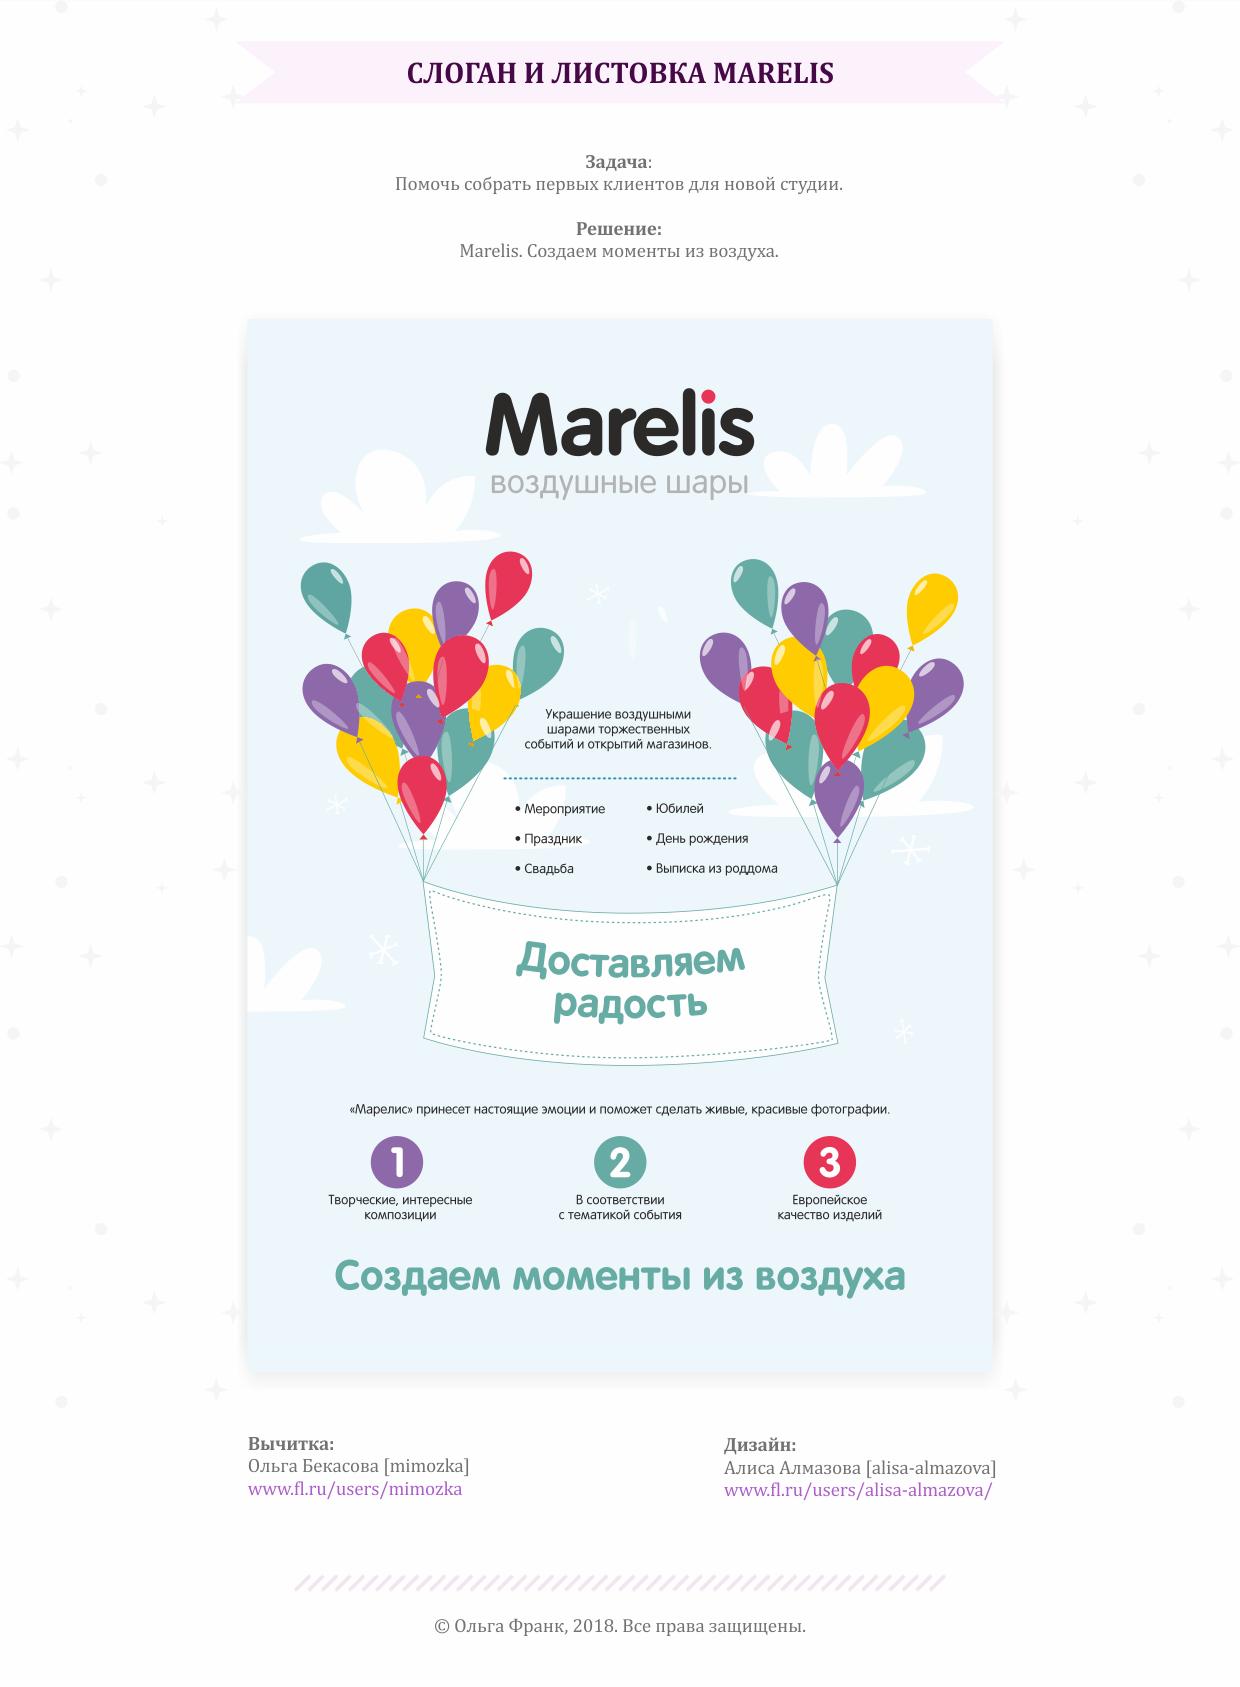 Слоган и листовка (воздушные шары). Marelis. Создаем моменты из воздуха